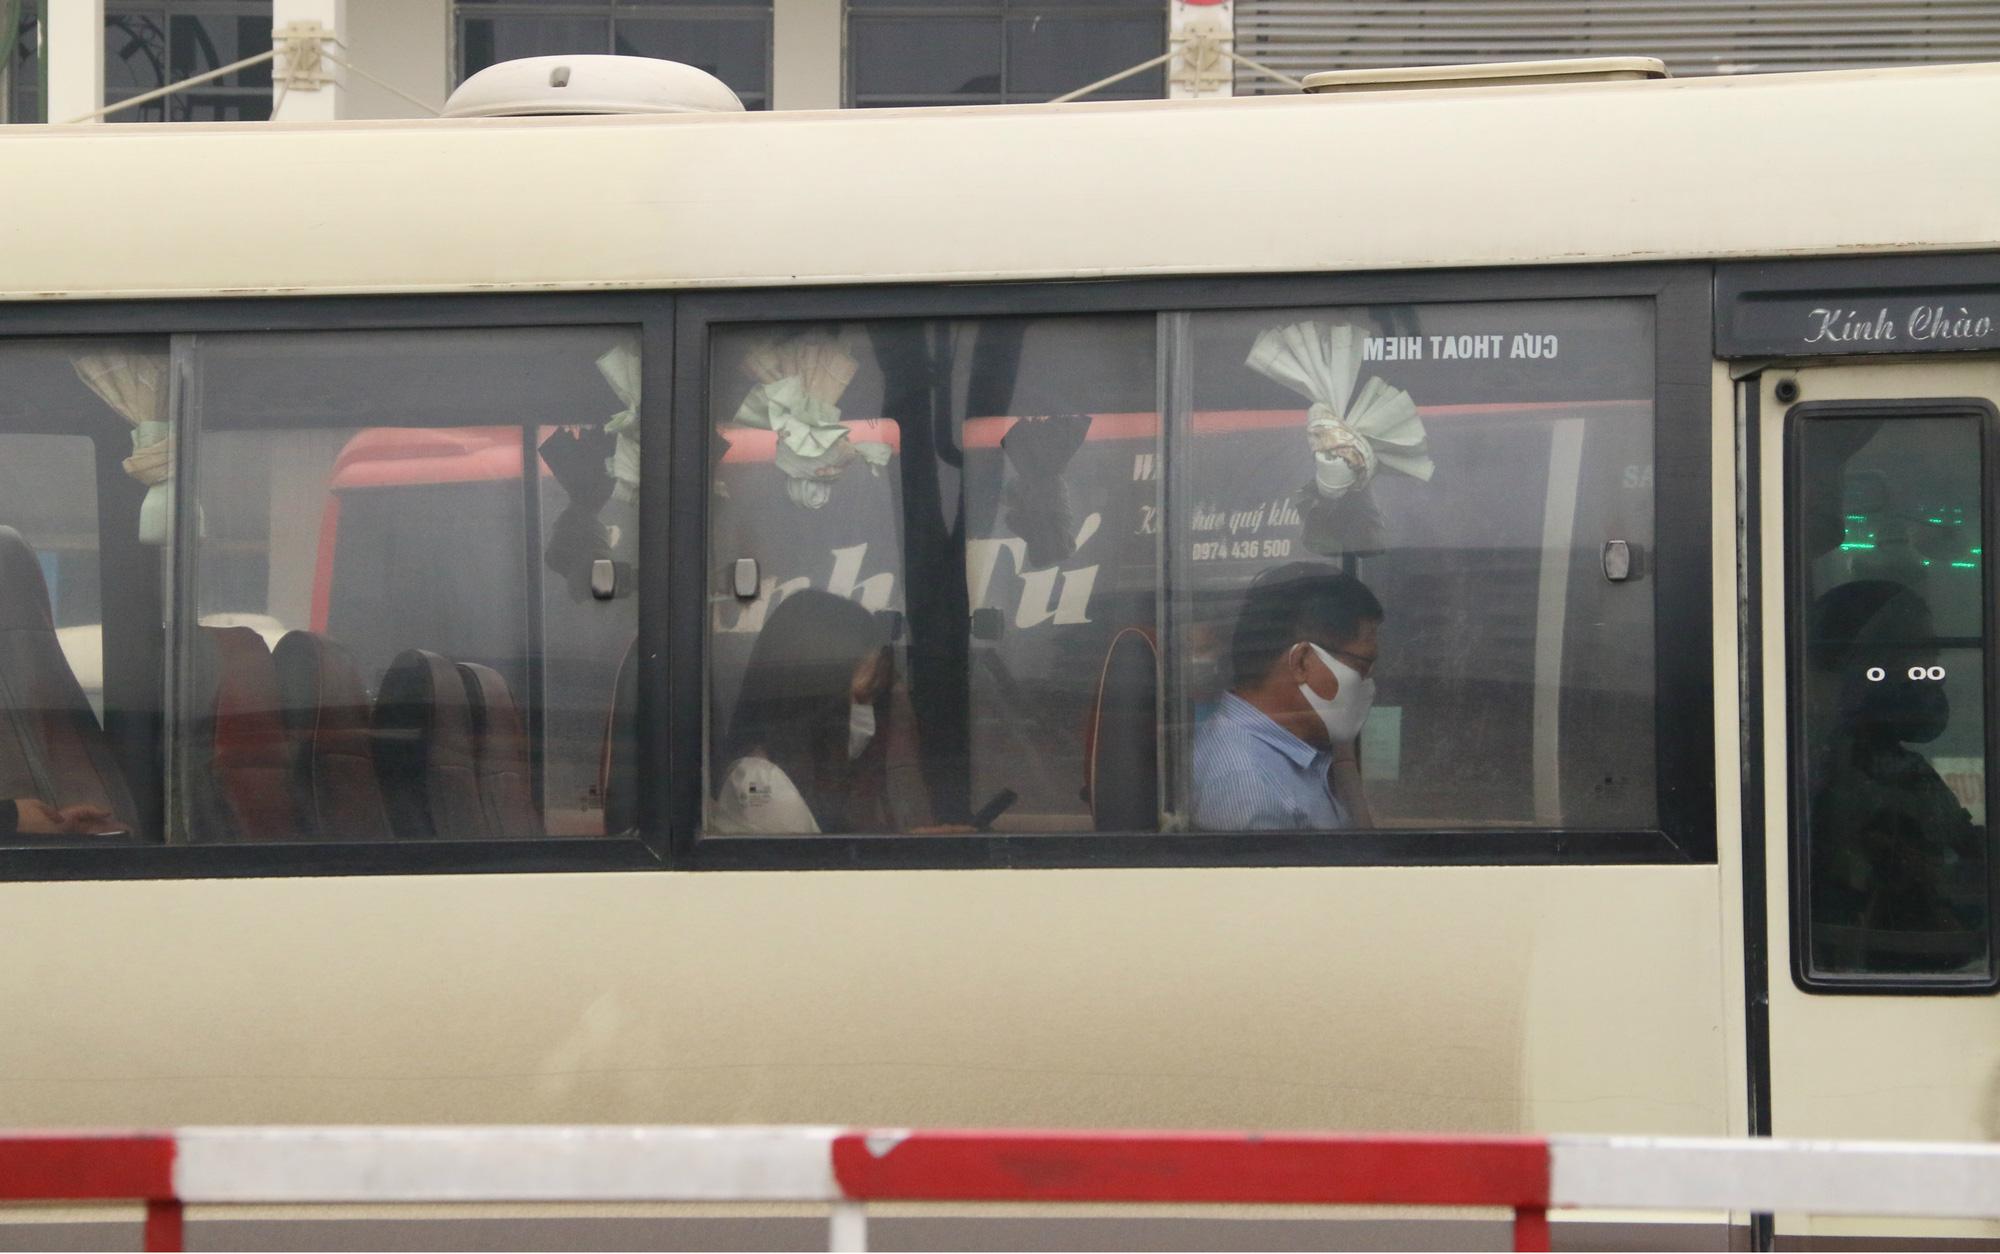 Cảnh vắng lặng ở ga tàu, bến xe Hà Nội: Nhiều chuyến xe rời bến chỉ mình tài xế, không hành khách - Ảnh 4.